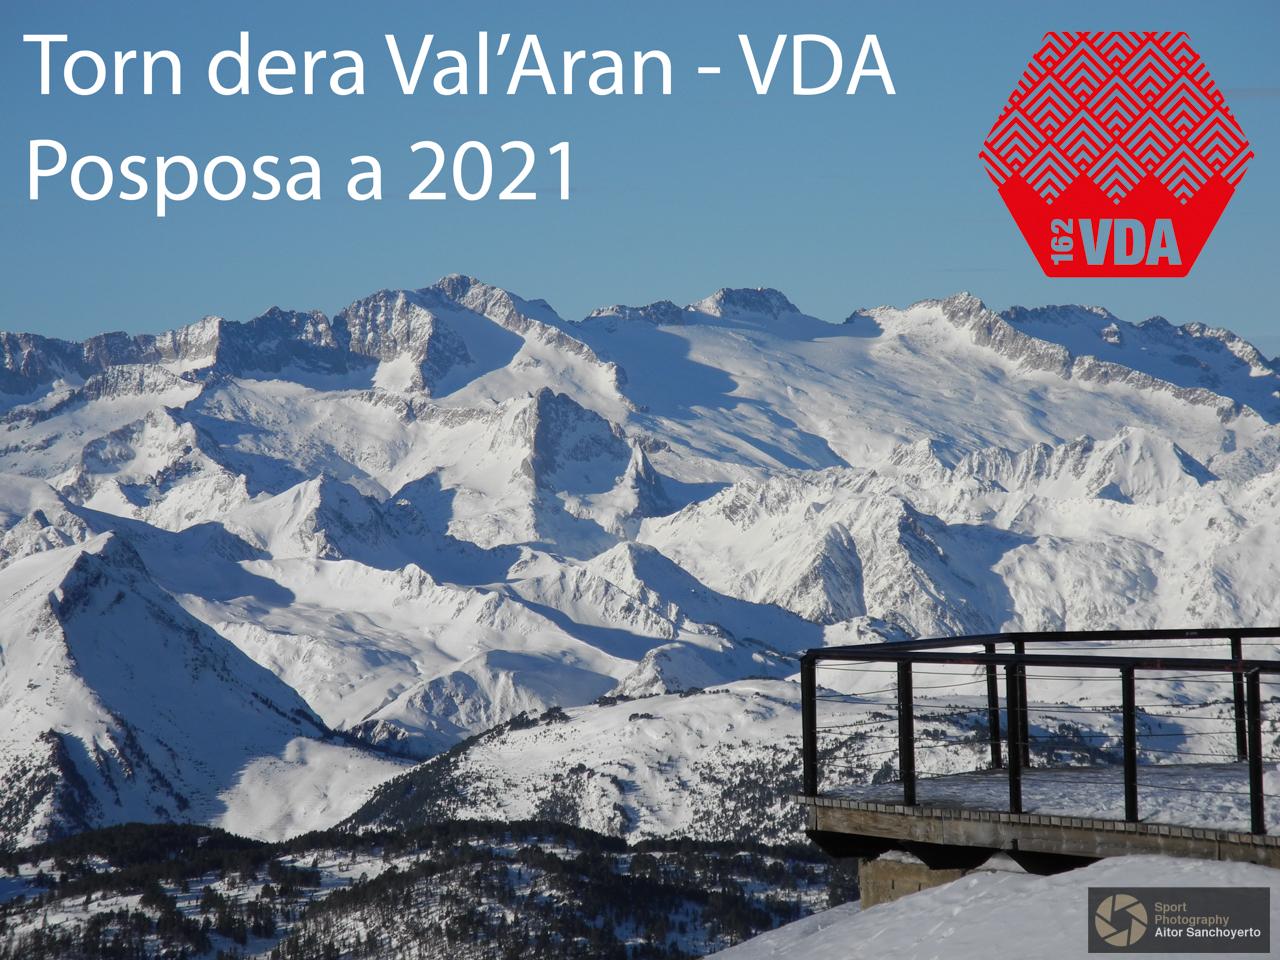 FondoBaqueira VDA aitorsanchoyerto website VDA Noticias